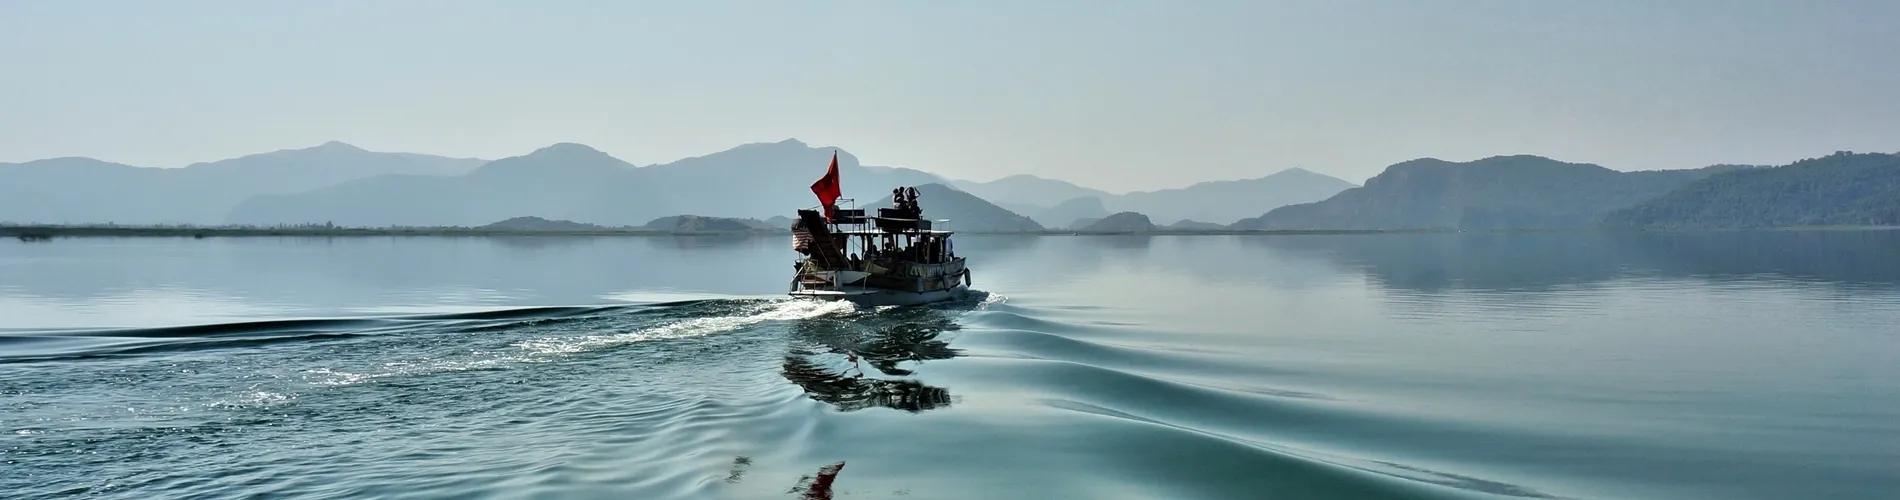 Köyceğiz Hakkında, Köyceğiz Fotoğrafları